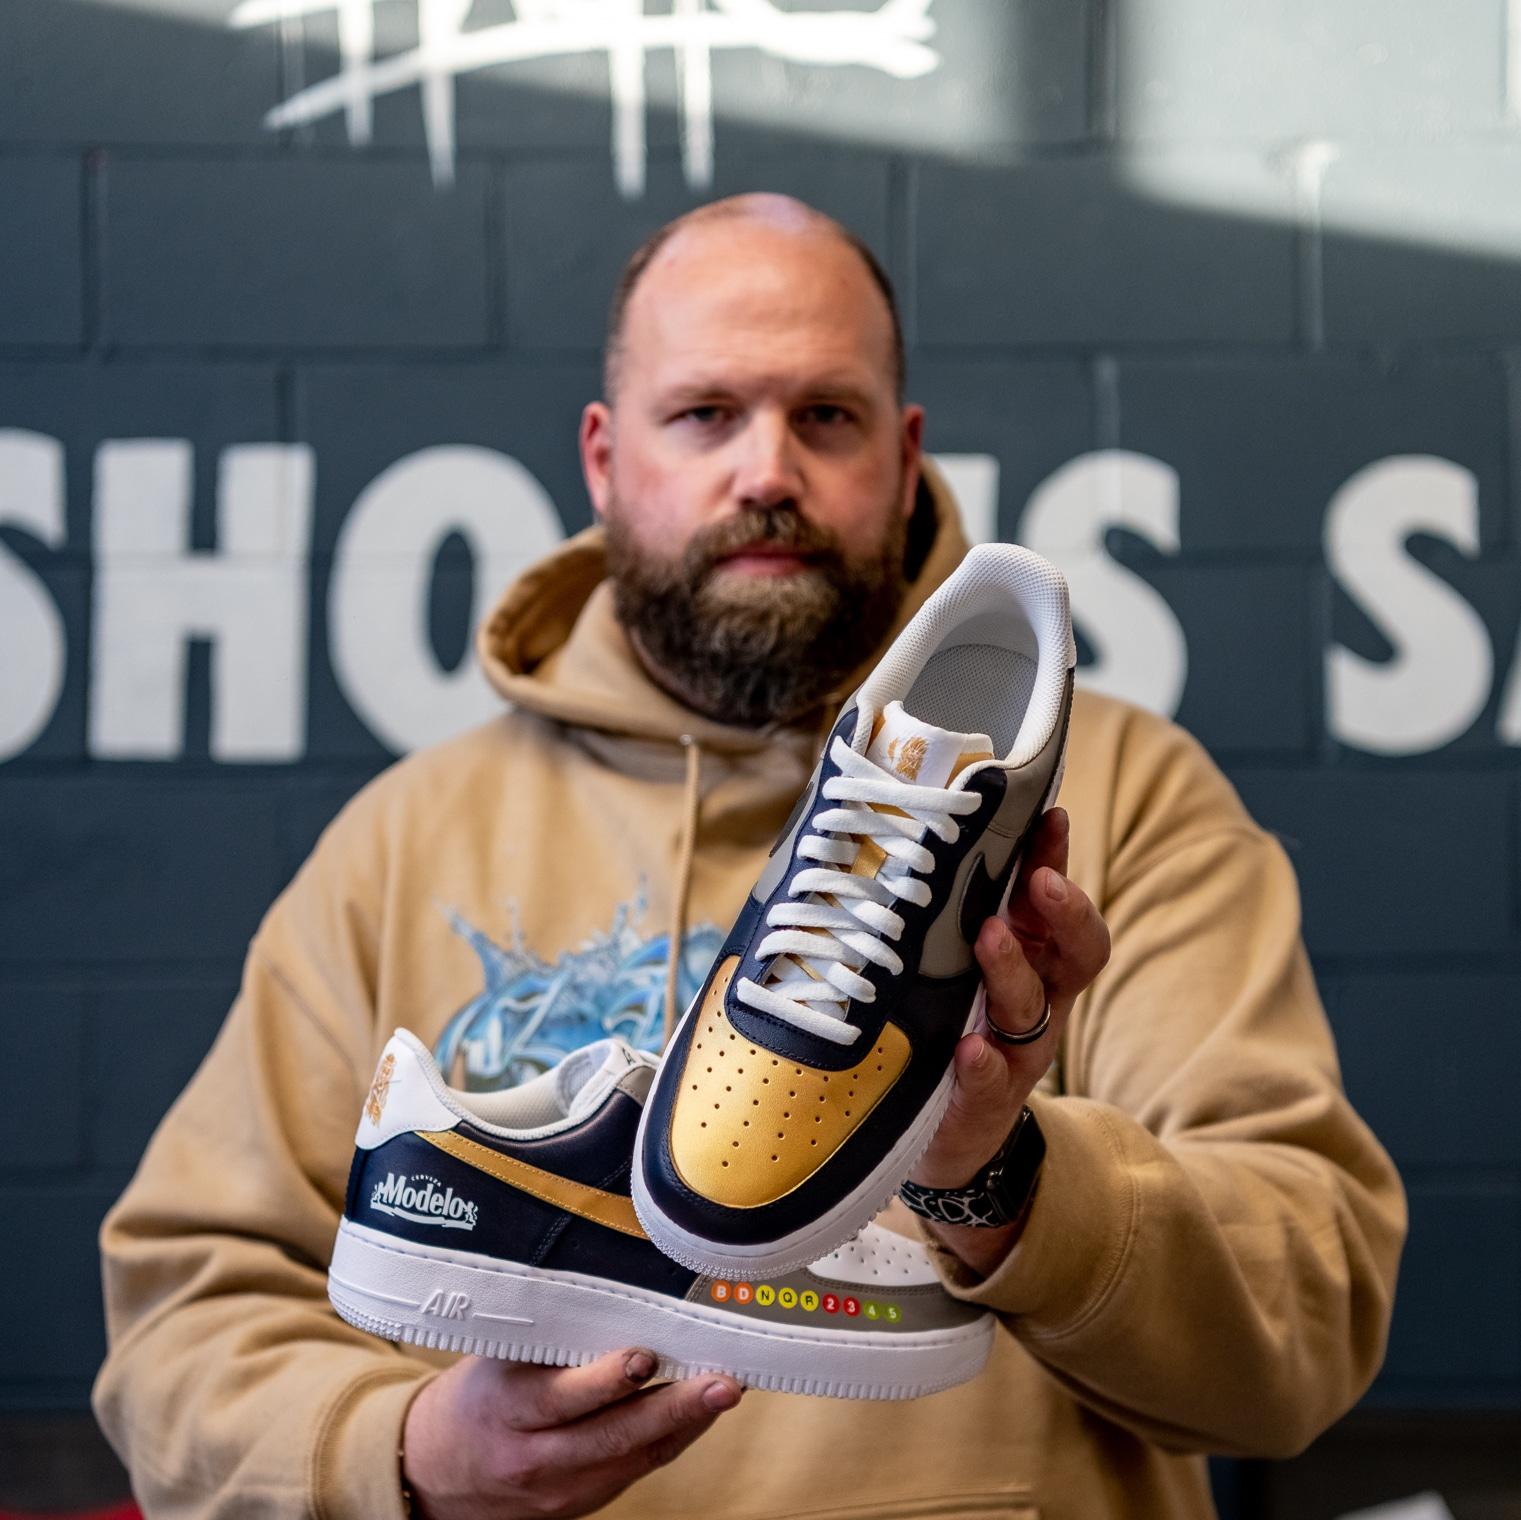 Modelo is giving away Brooklyn Nets sneakers designed by Mache 14